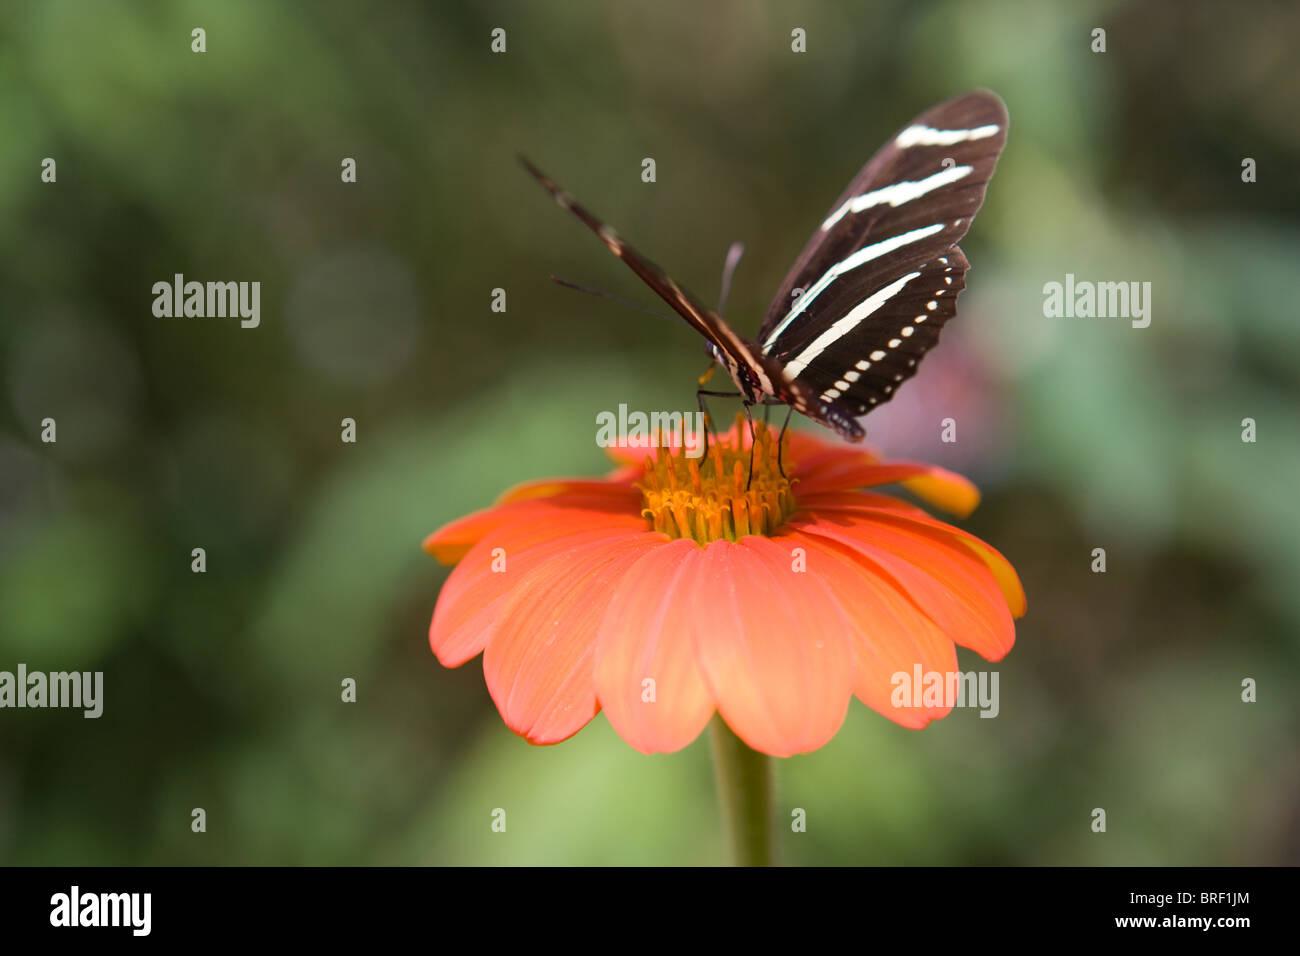 Papillon zebra nectar potable à partir d'un zinnia fleur, rayures noires et blanches, la paix, la paix, la nature Banque D'Images